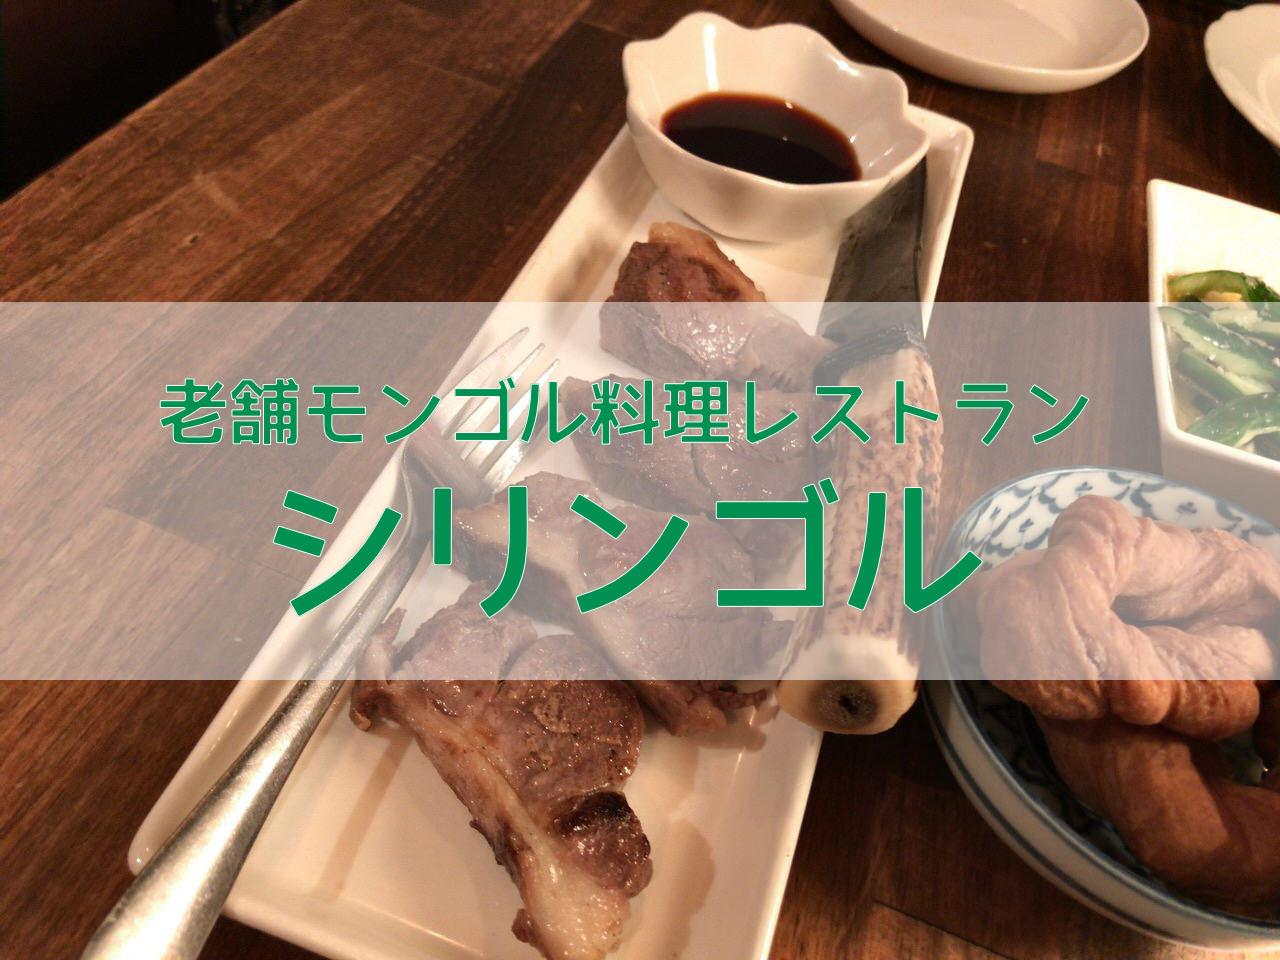 「シリンゴル」羊肉好きにオススメしたいローストマトンとバンバンマトン